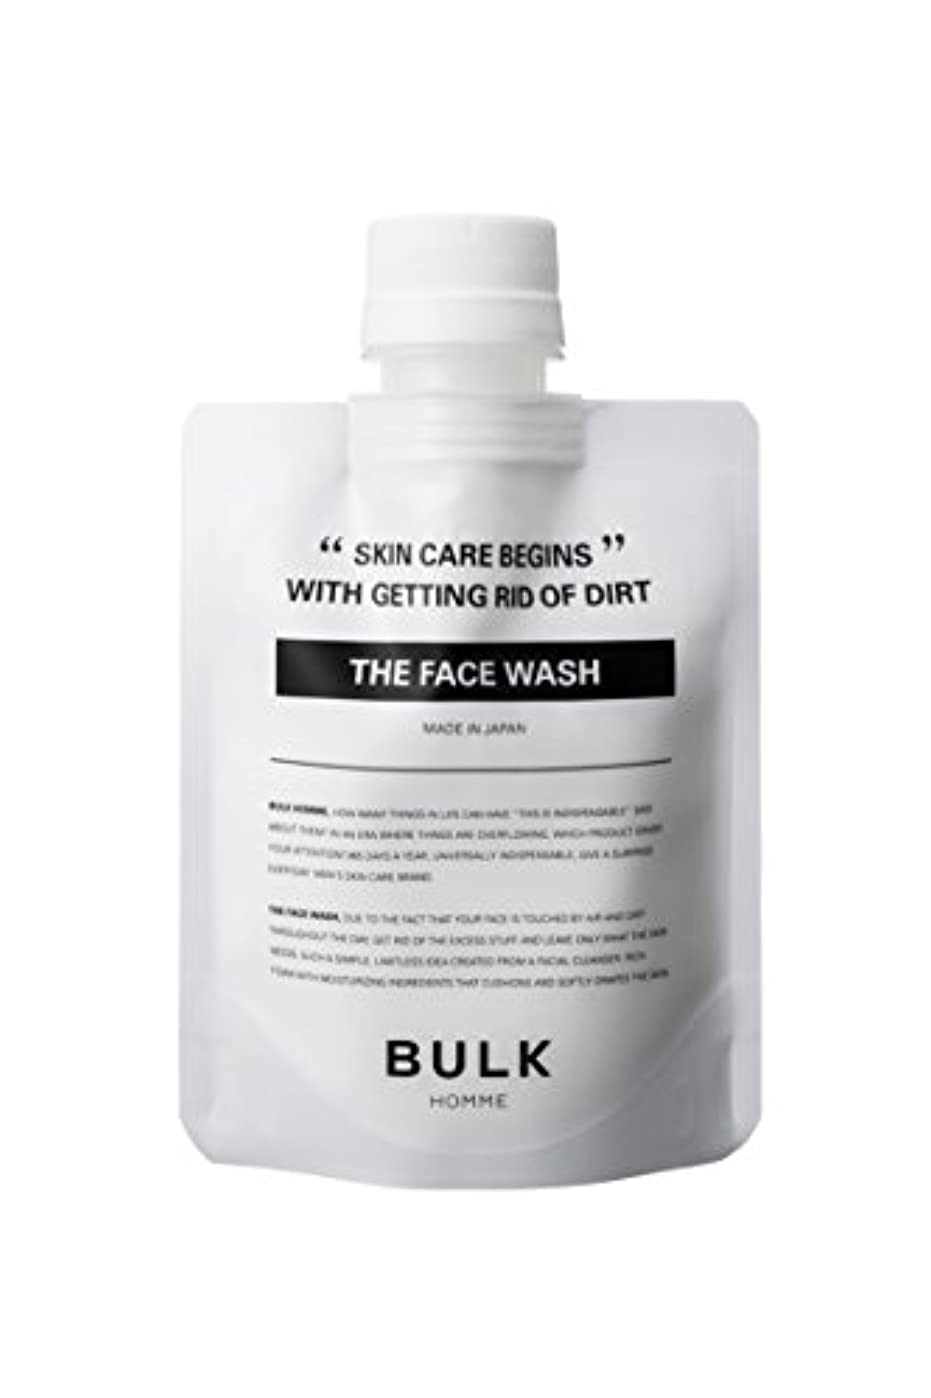 社員ボイドスリットバルクオム (BULK HOMME) BULK HOMME THE FACE WASH 洗顔料 単品 100g